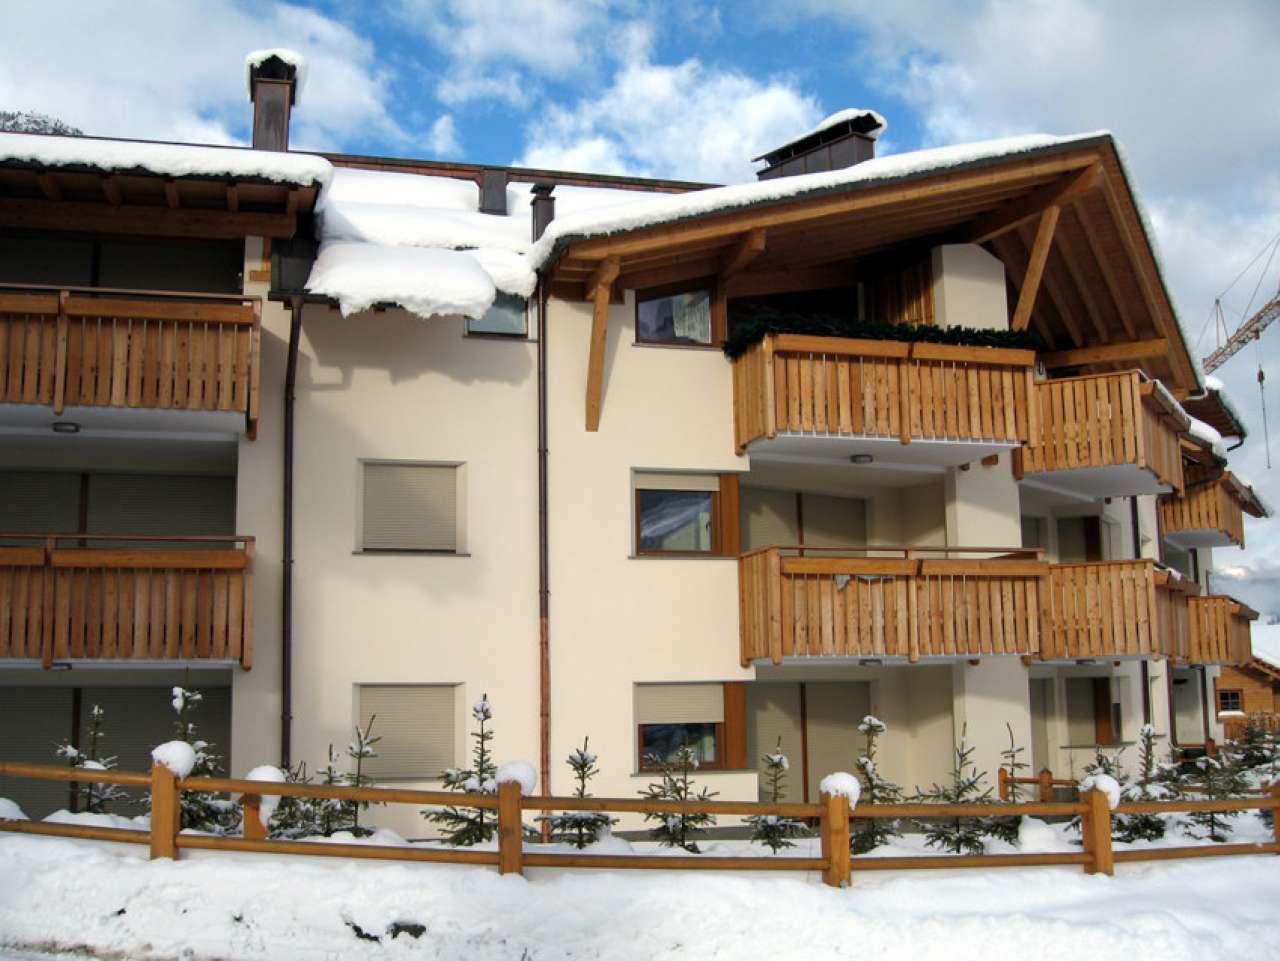 Appartamento in vendita a Badia, 4 locali, Trattative riservate | CambioCasa.it